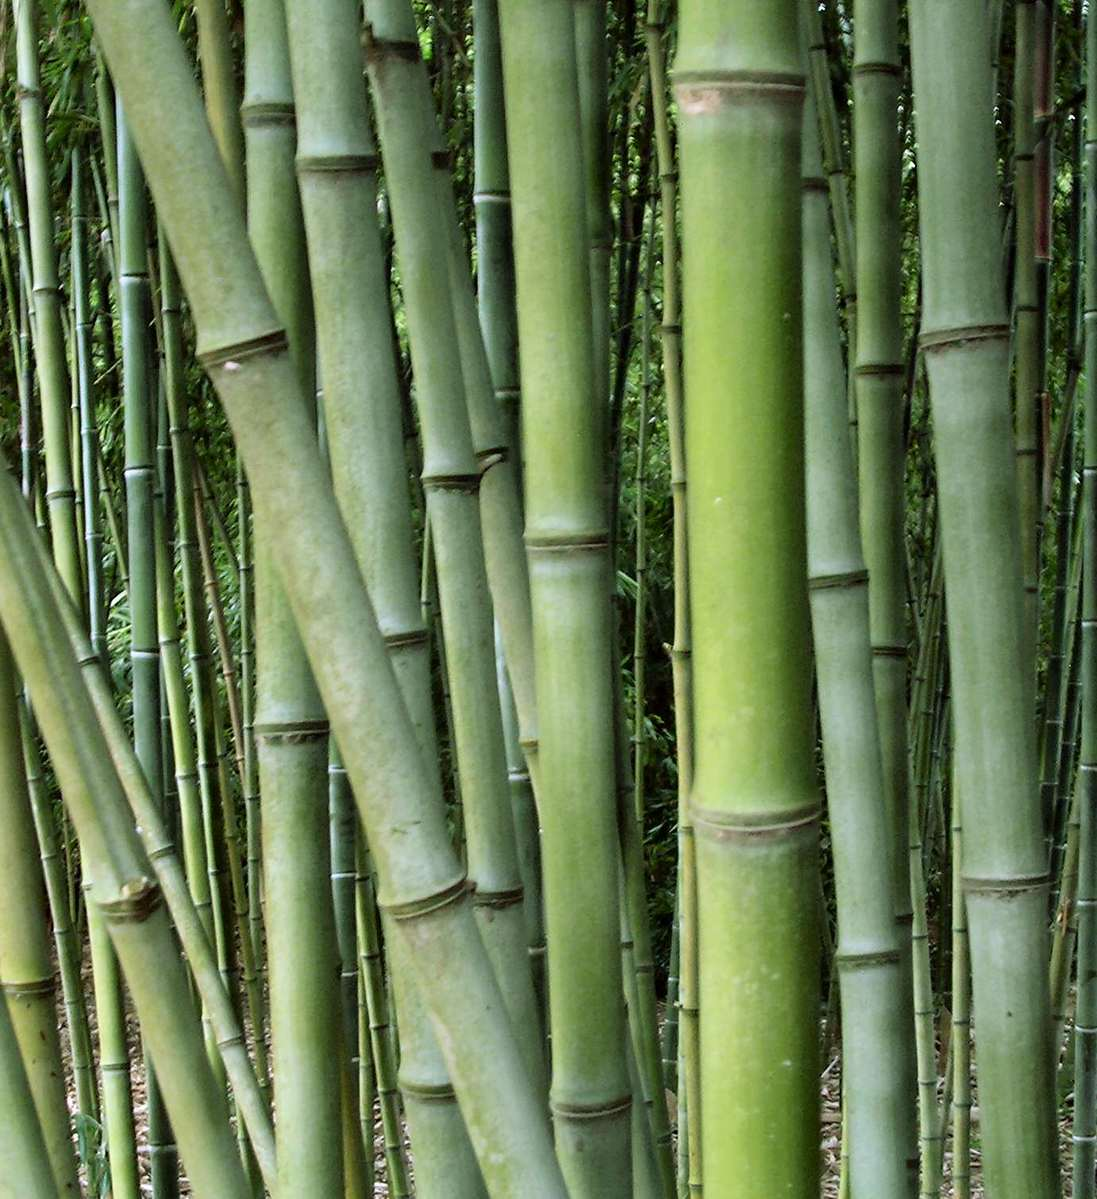 Bamboo Stcik People ~ Bamboo photos freeimages